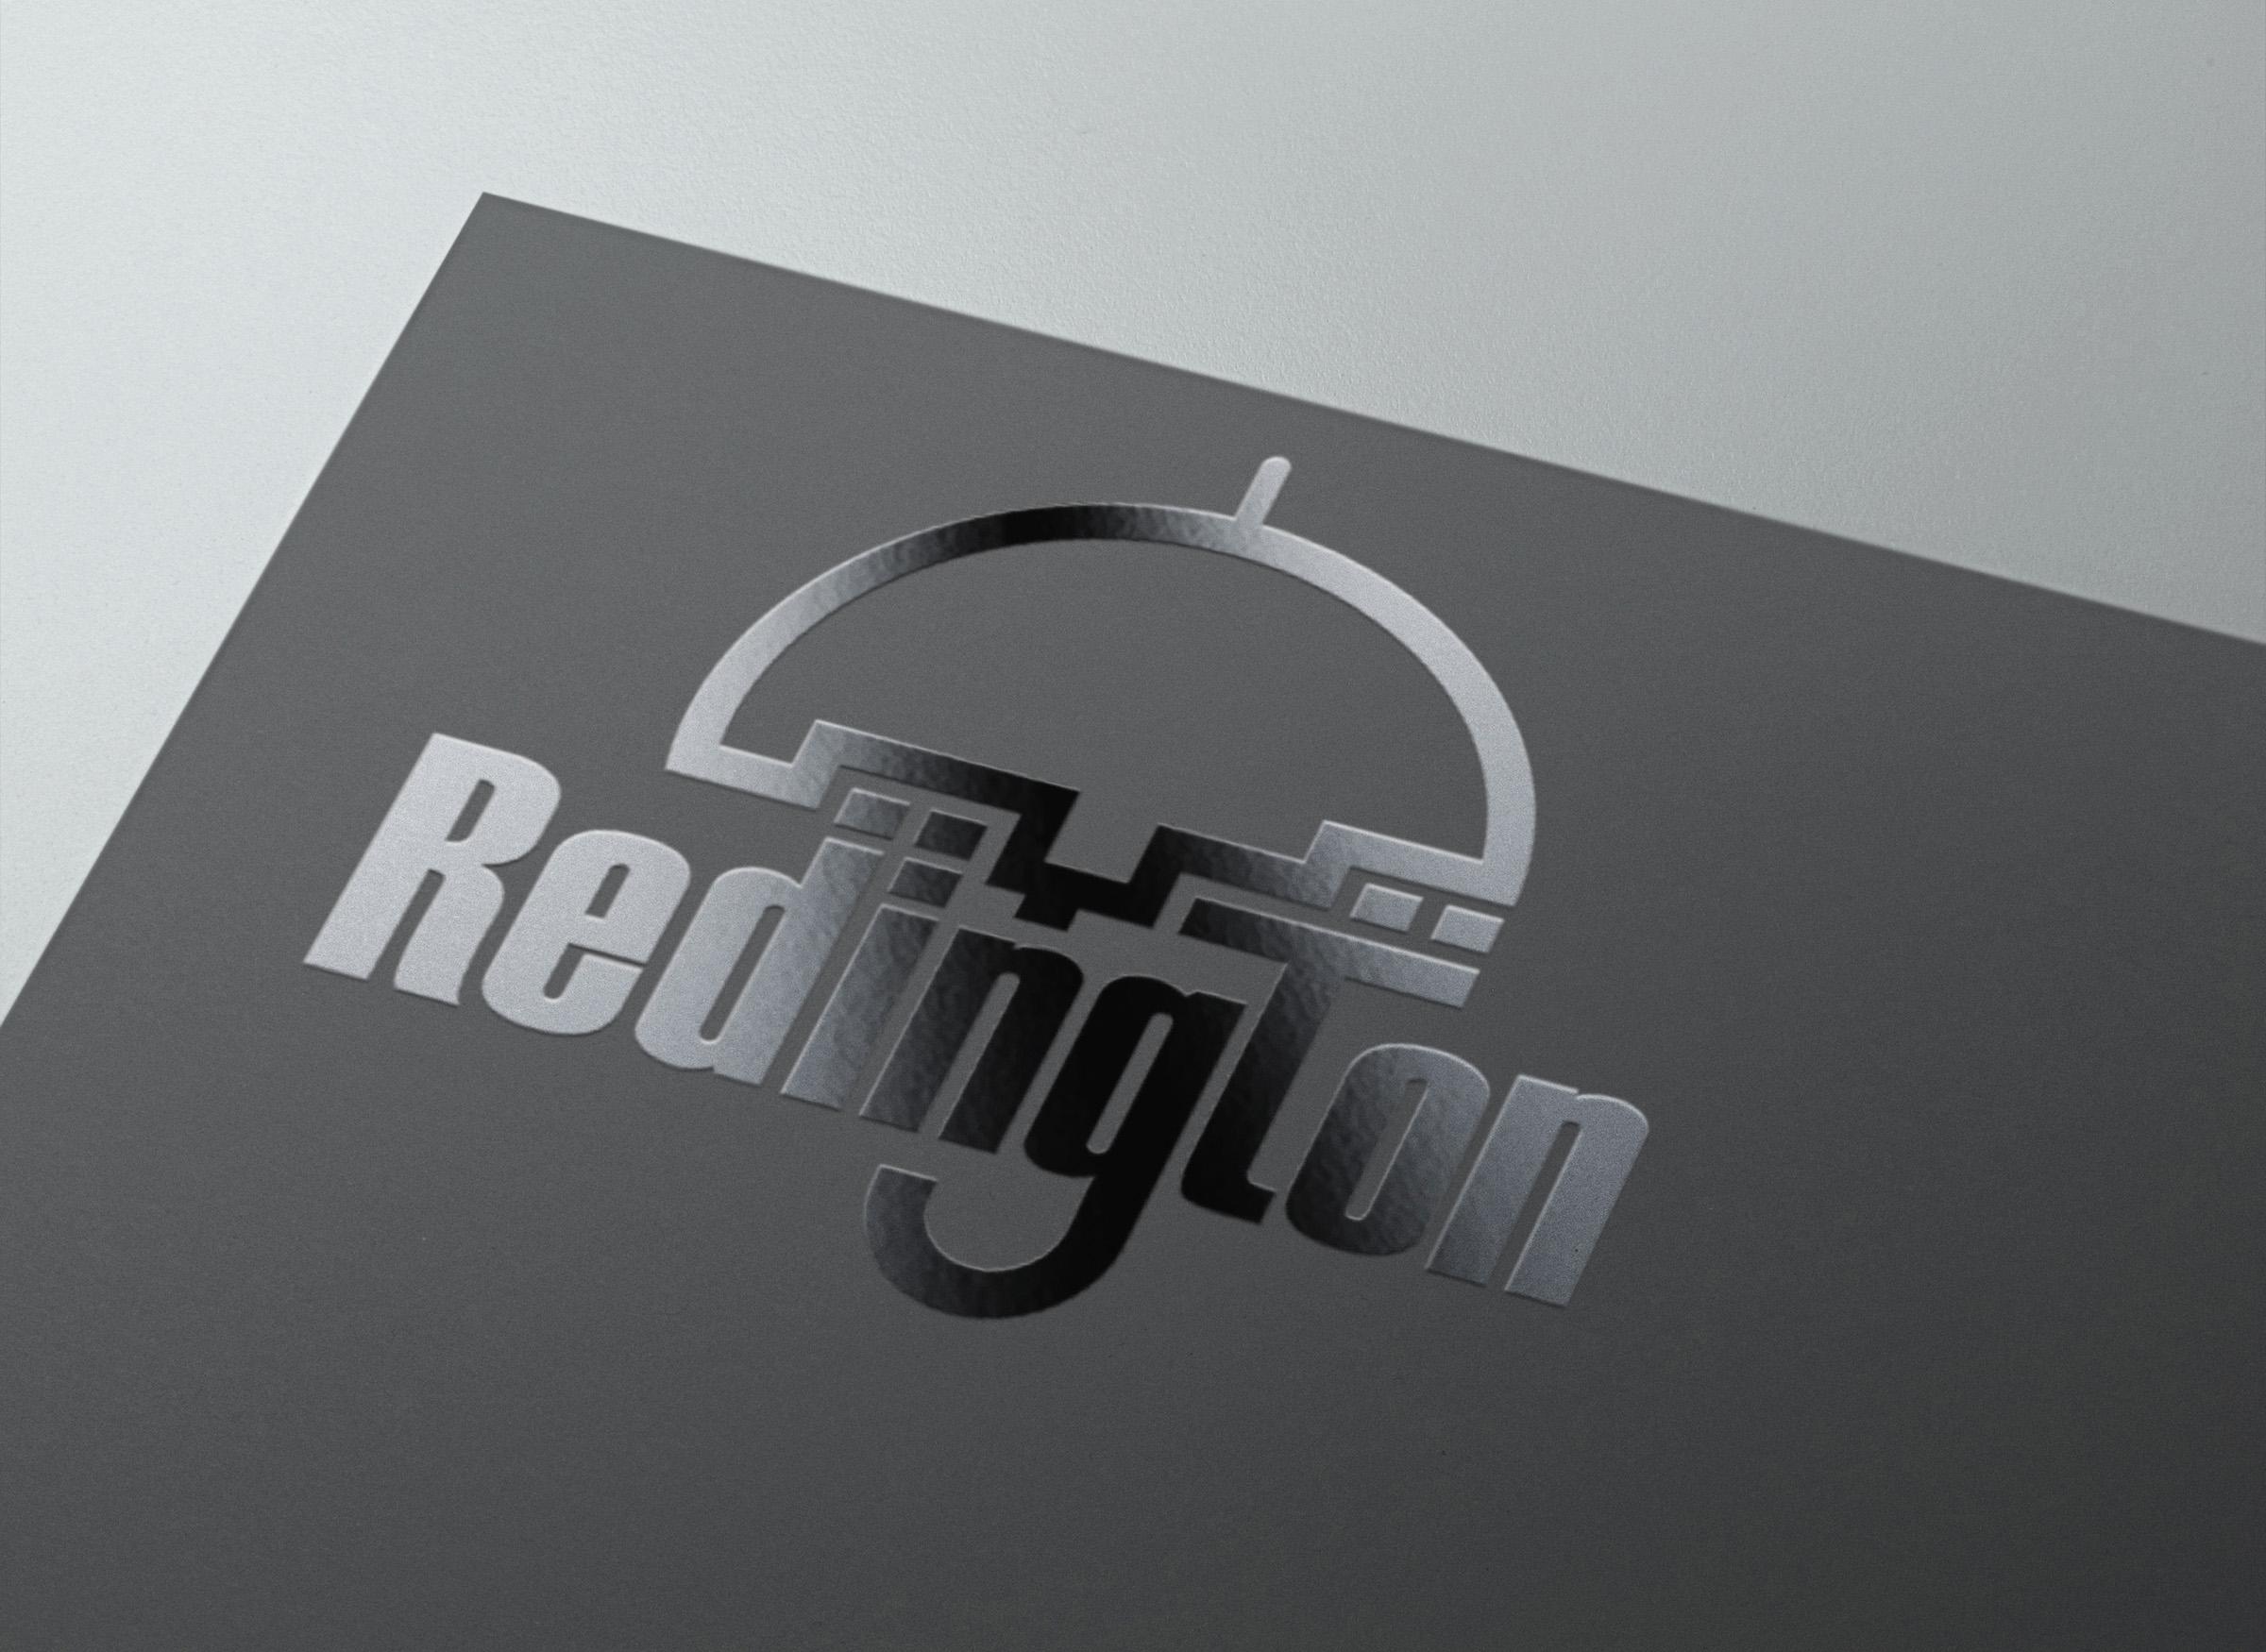 Создание логотипа для компании Redington фото f_42259b94e136dc33.jpg